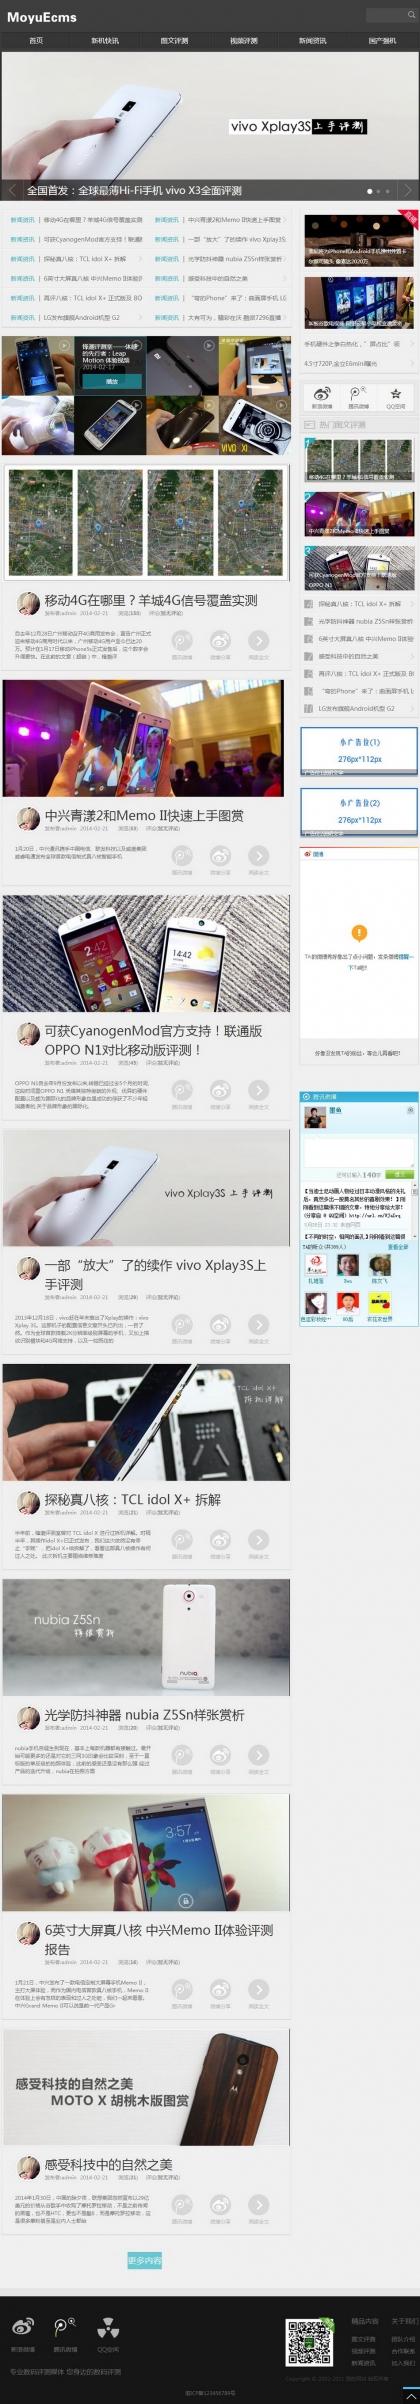 帝国CMS个人企业博客新闻文章视频评测IT电脑自适应HTML5响应手机